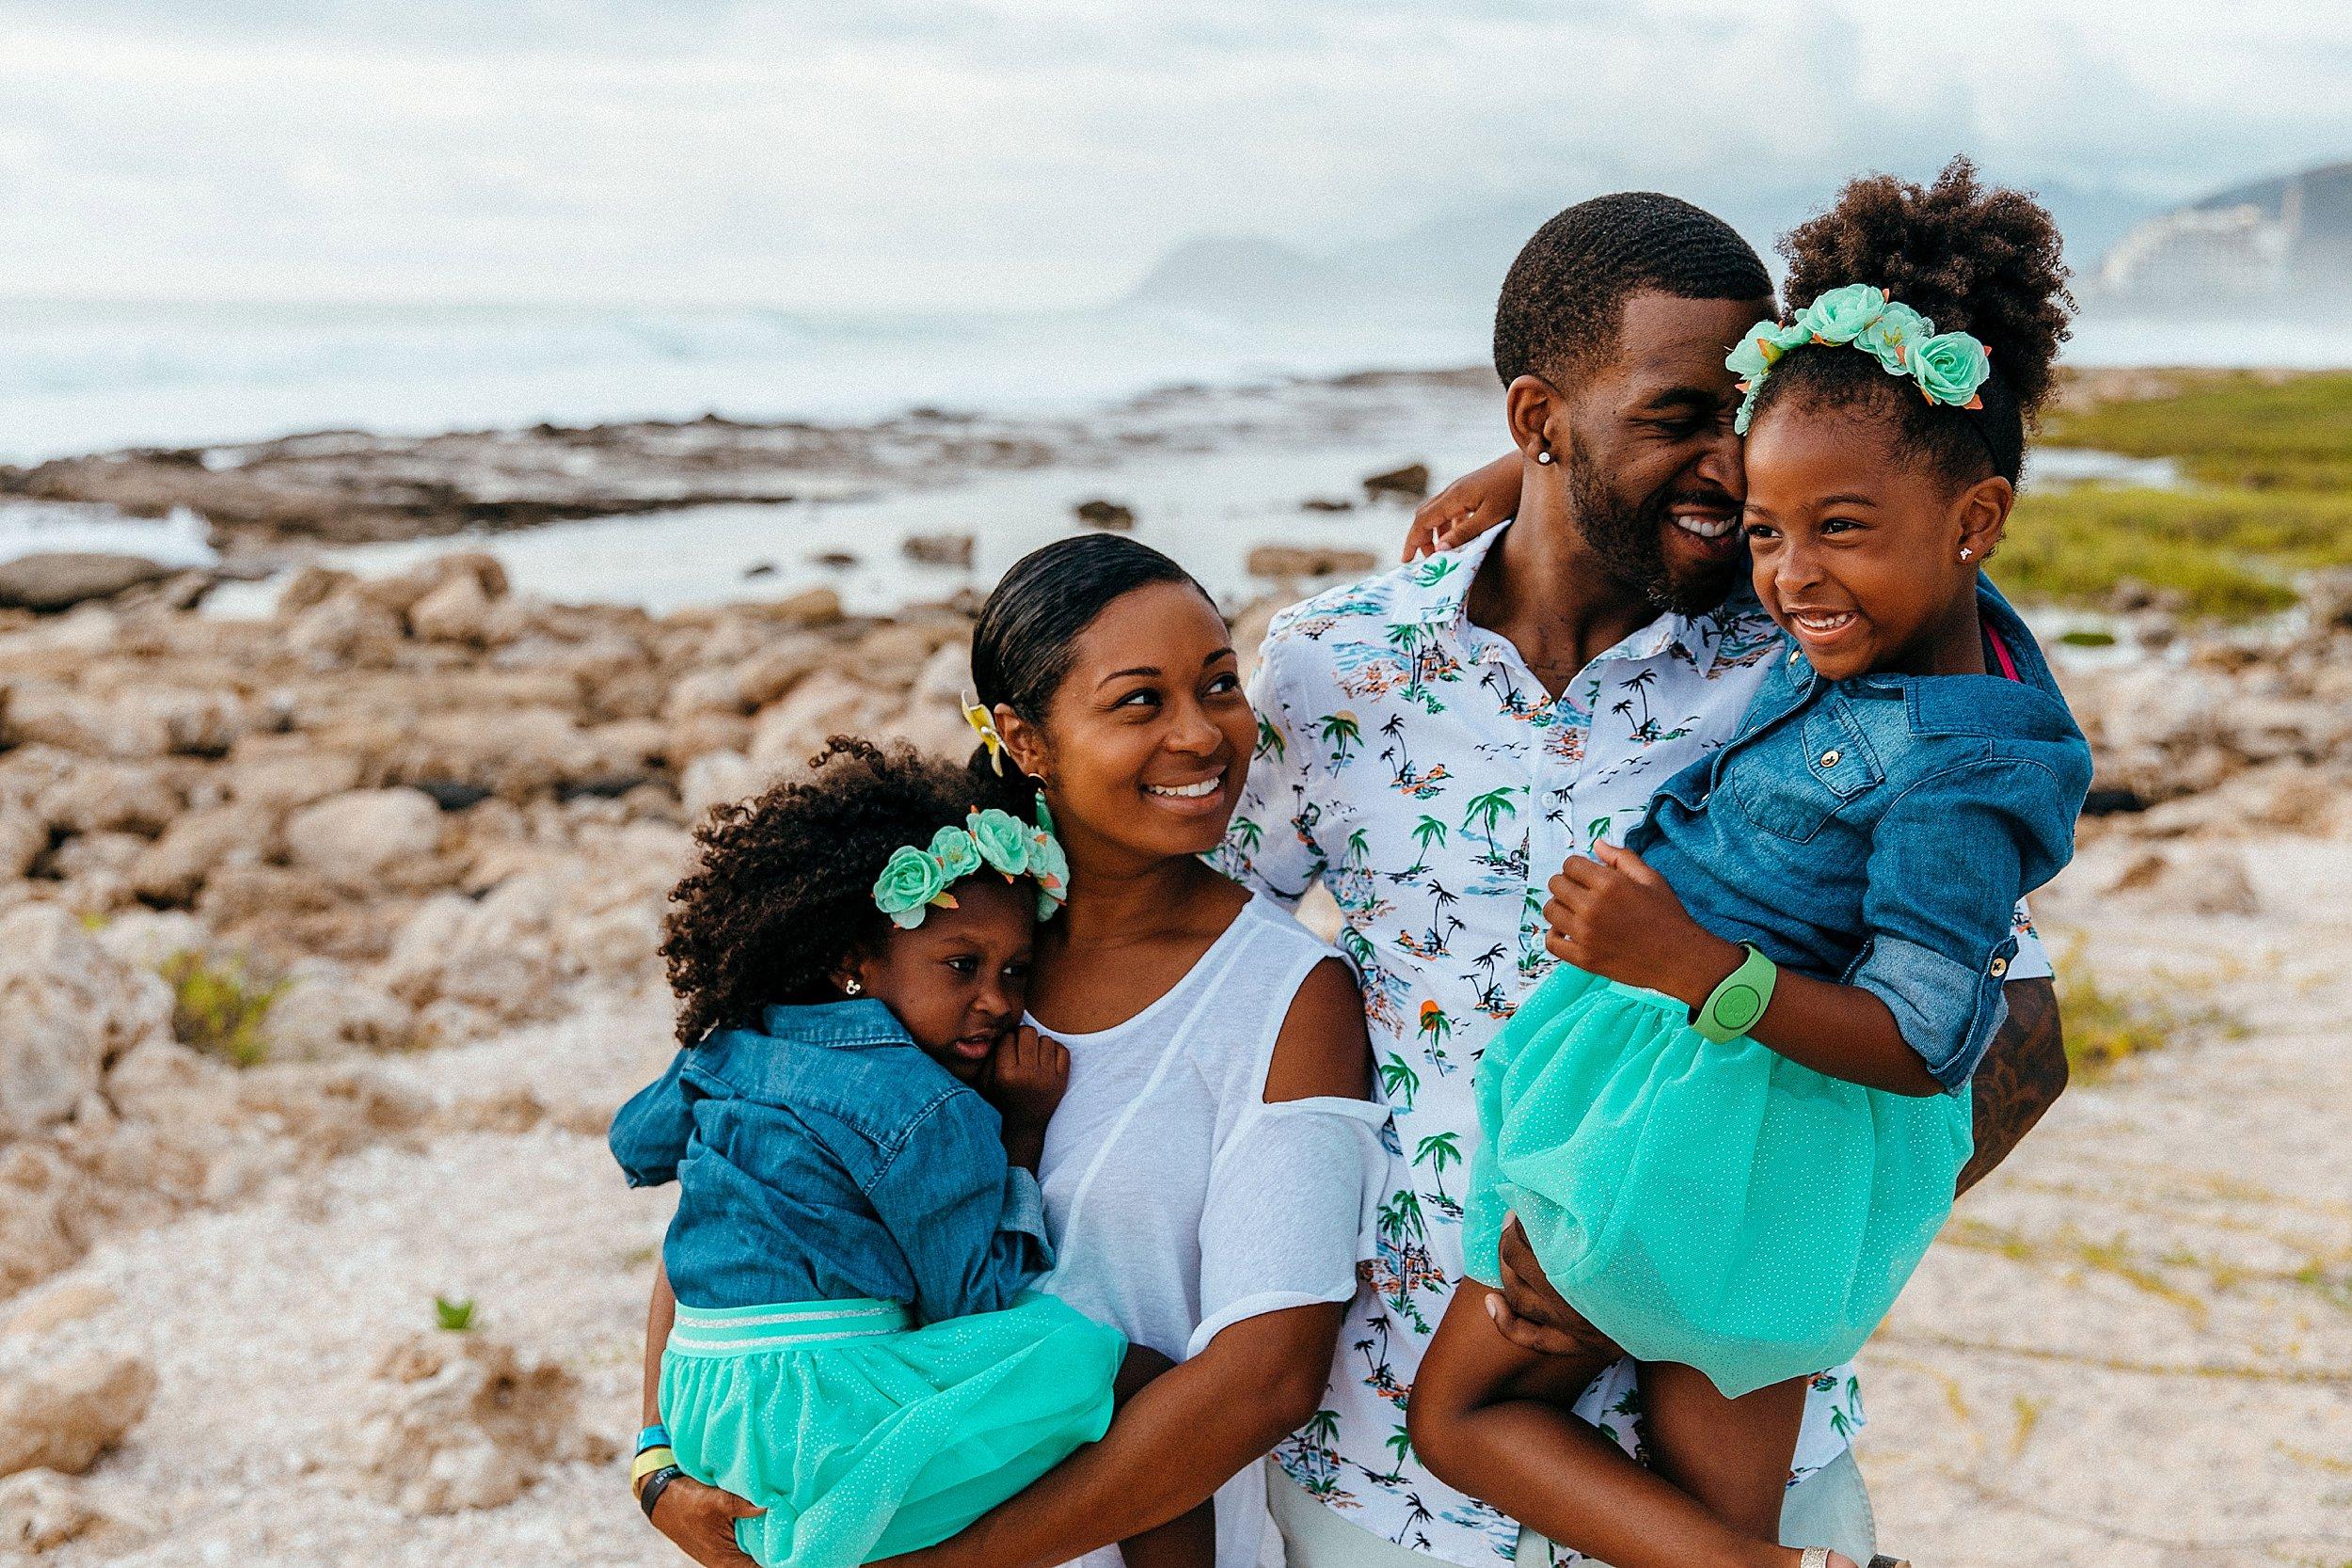 Family session at Ko Olina Lagoon near the Marriott in Kapolei, Hawaii.